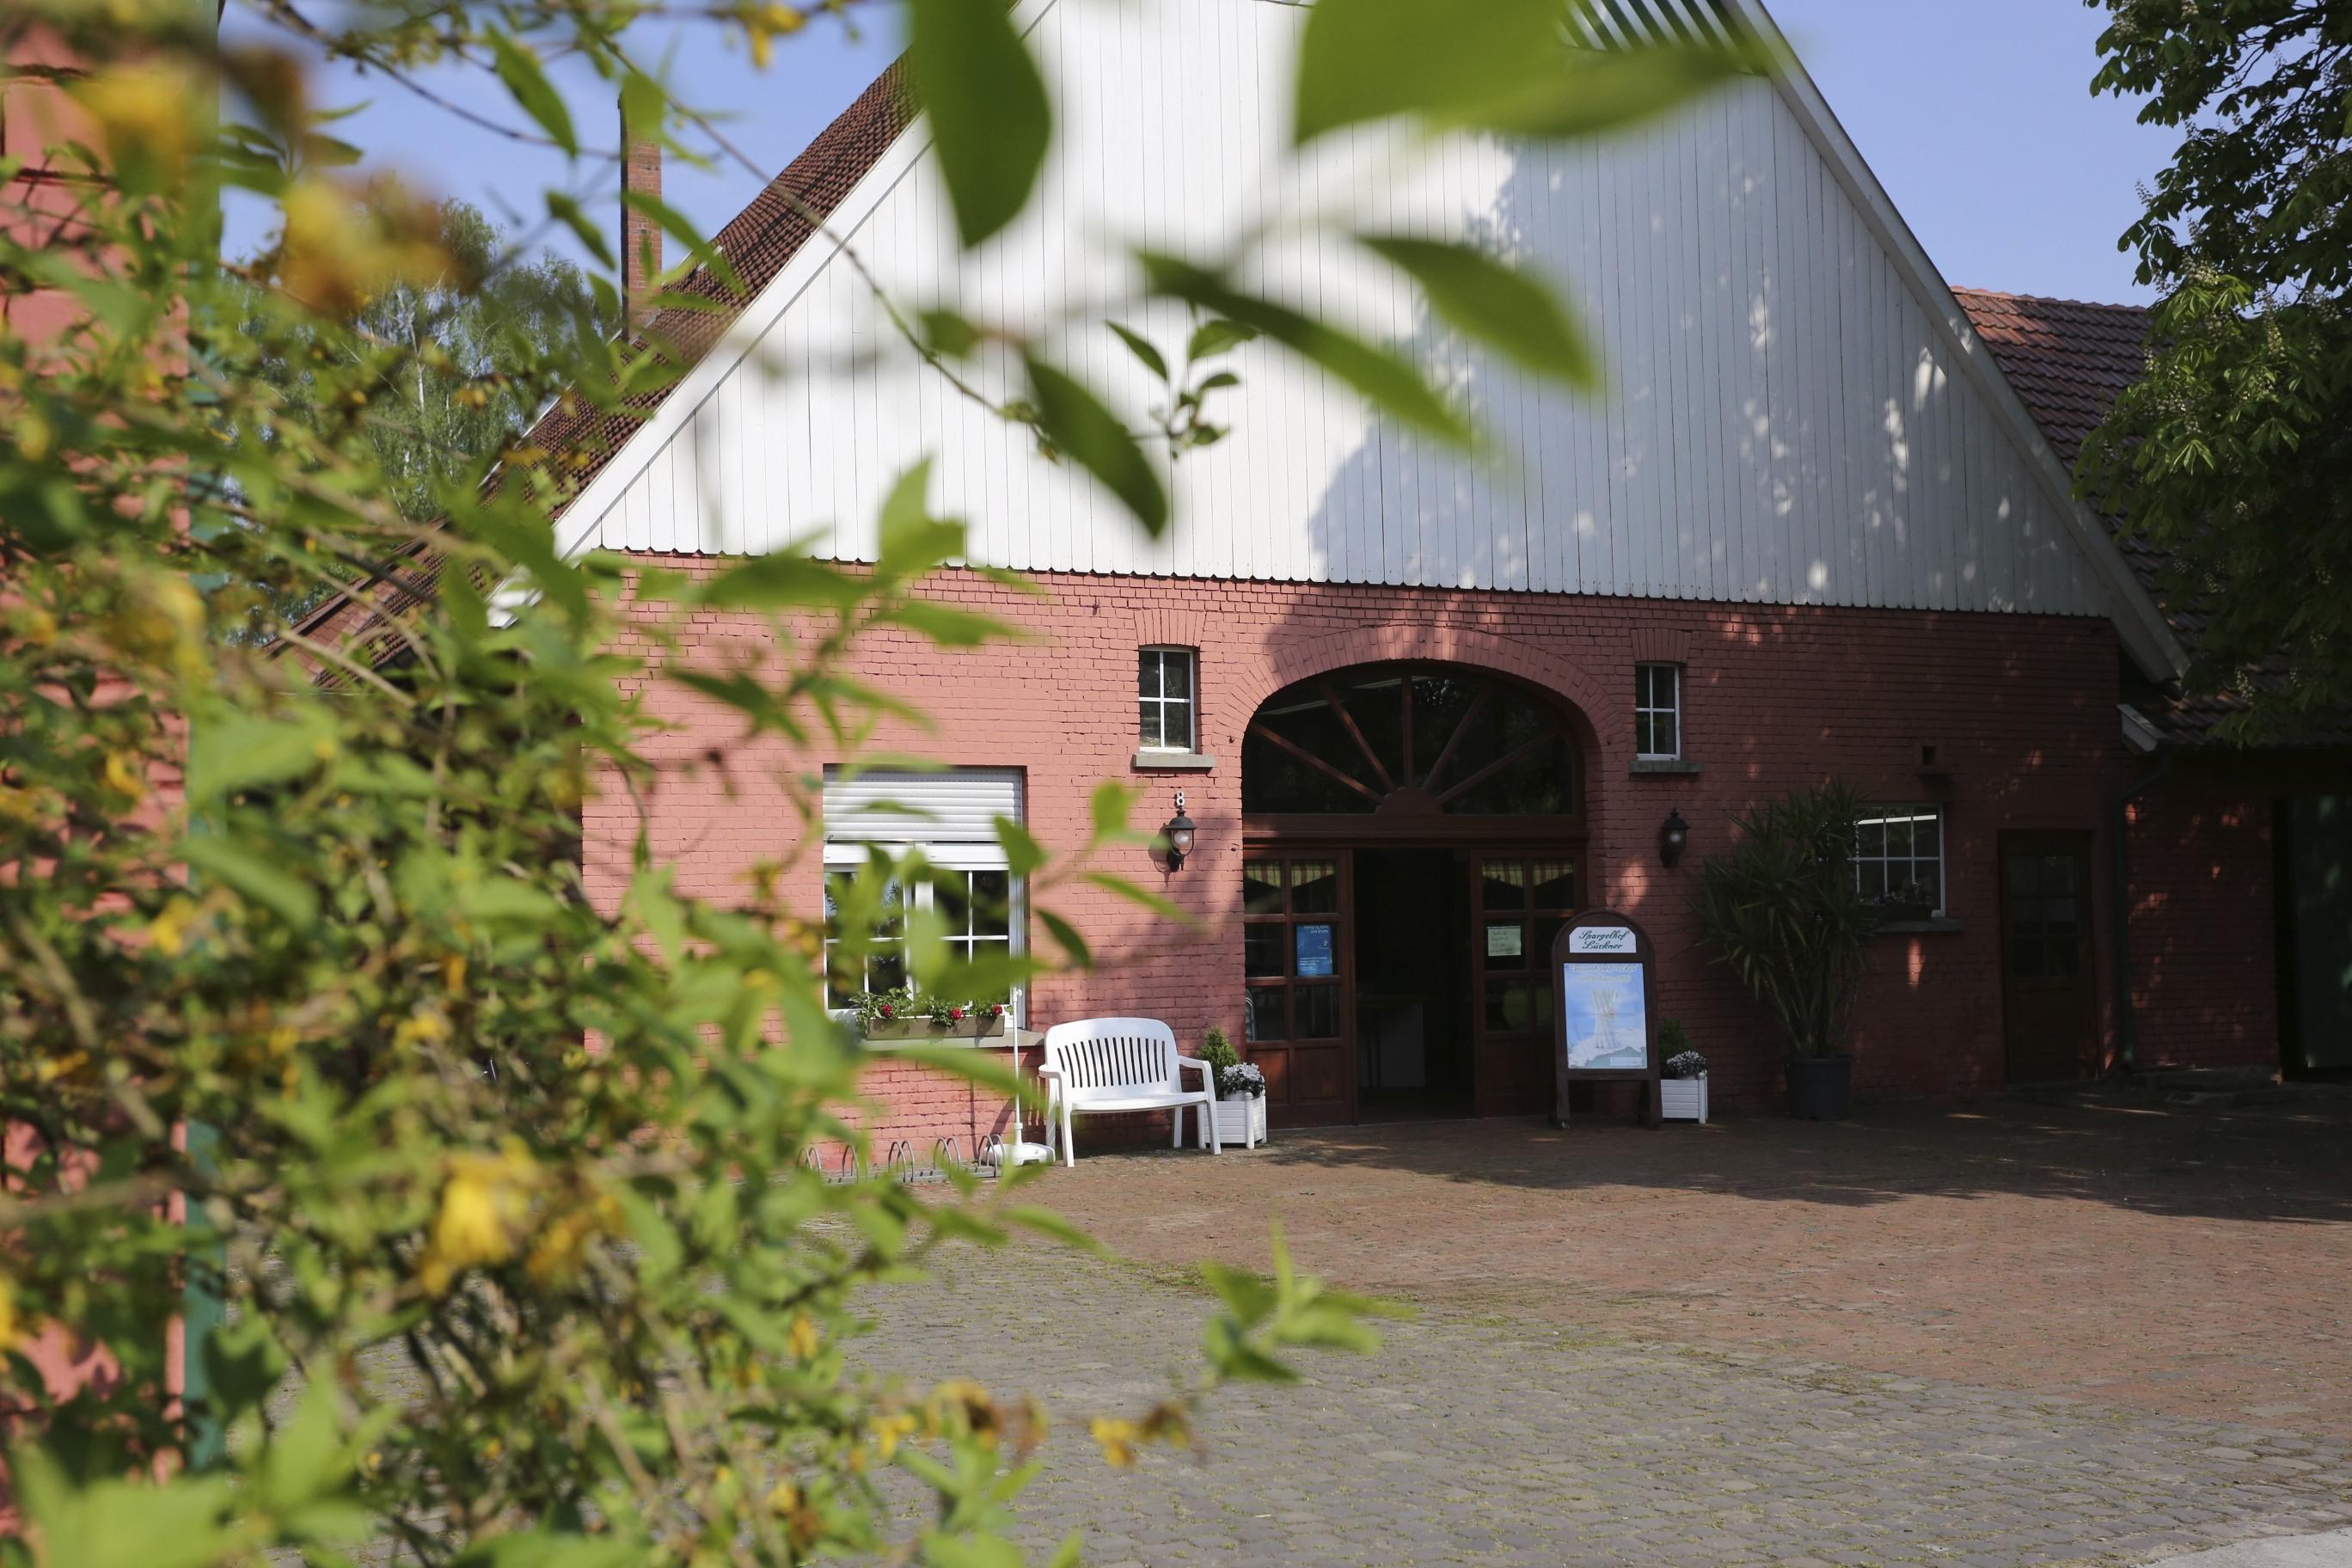 lueckners-hof